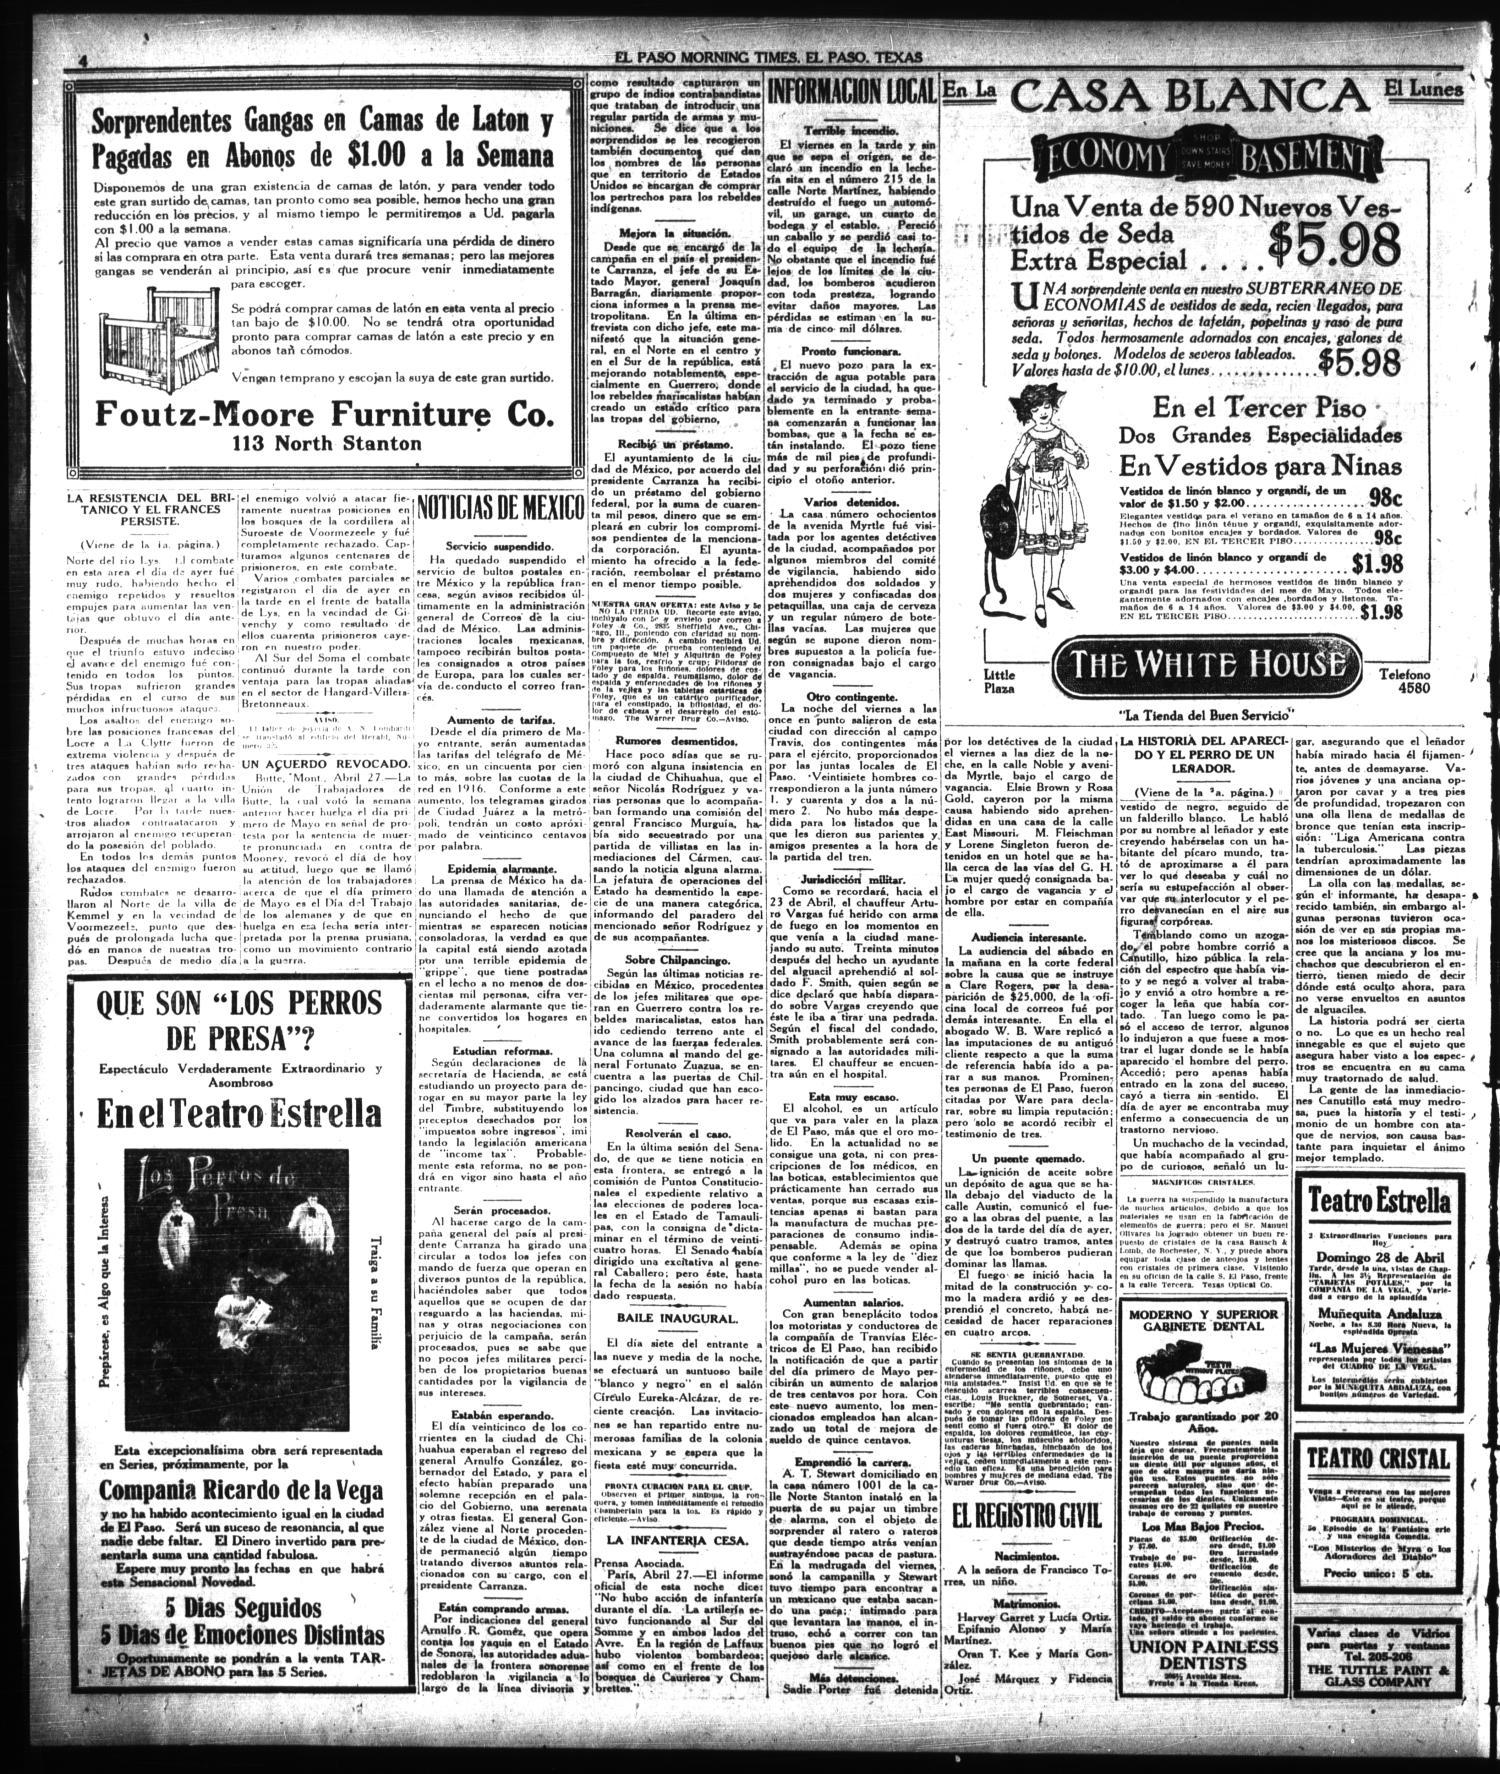 El Paso Morning Times El Paso Tex Vol 38th Year Ed 1